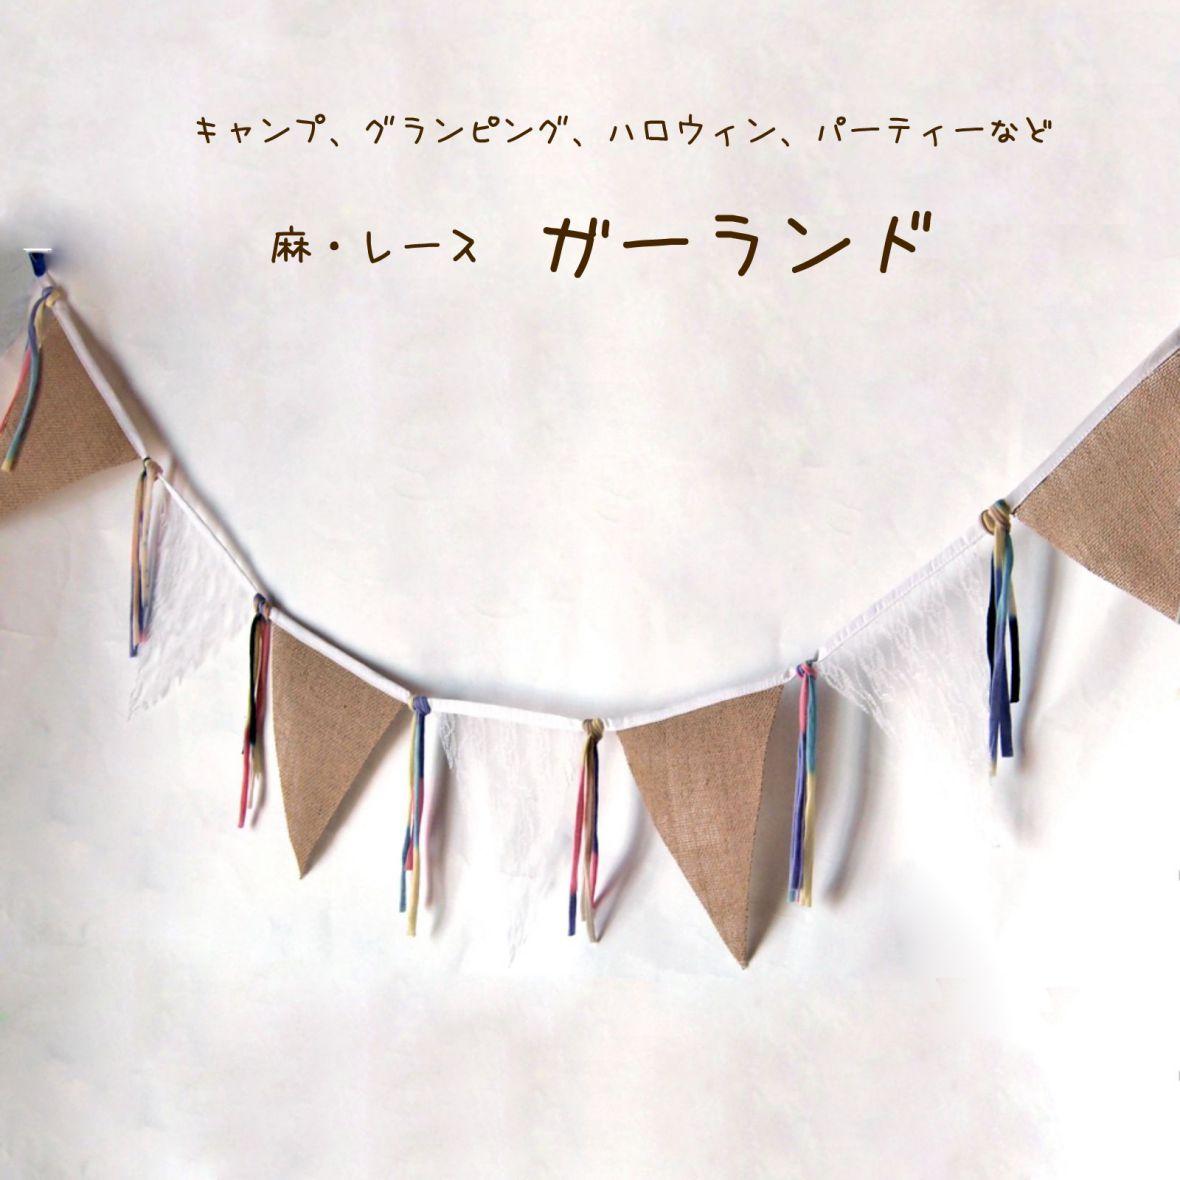 三角 旗 おしゃれ - 最高の畫像コレクション